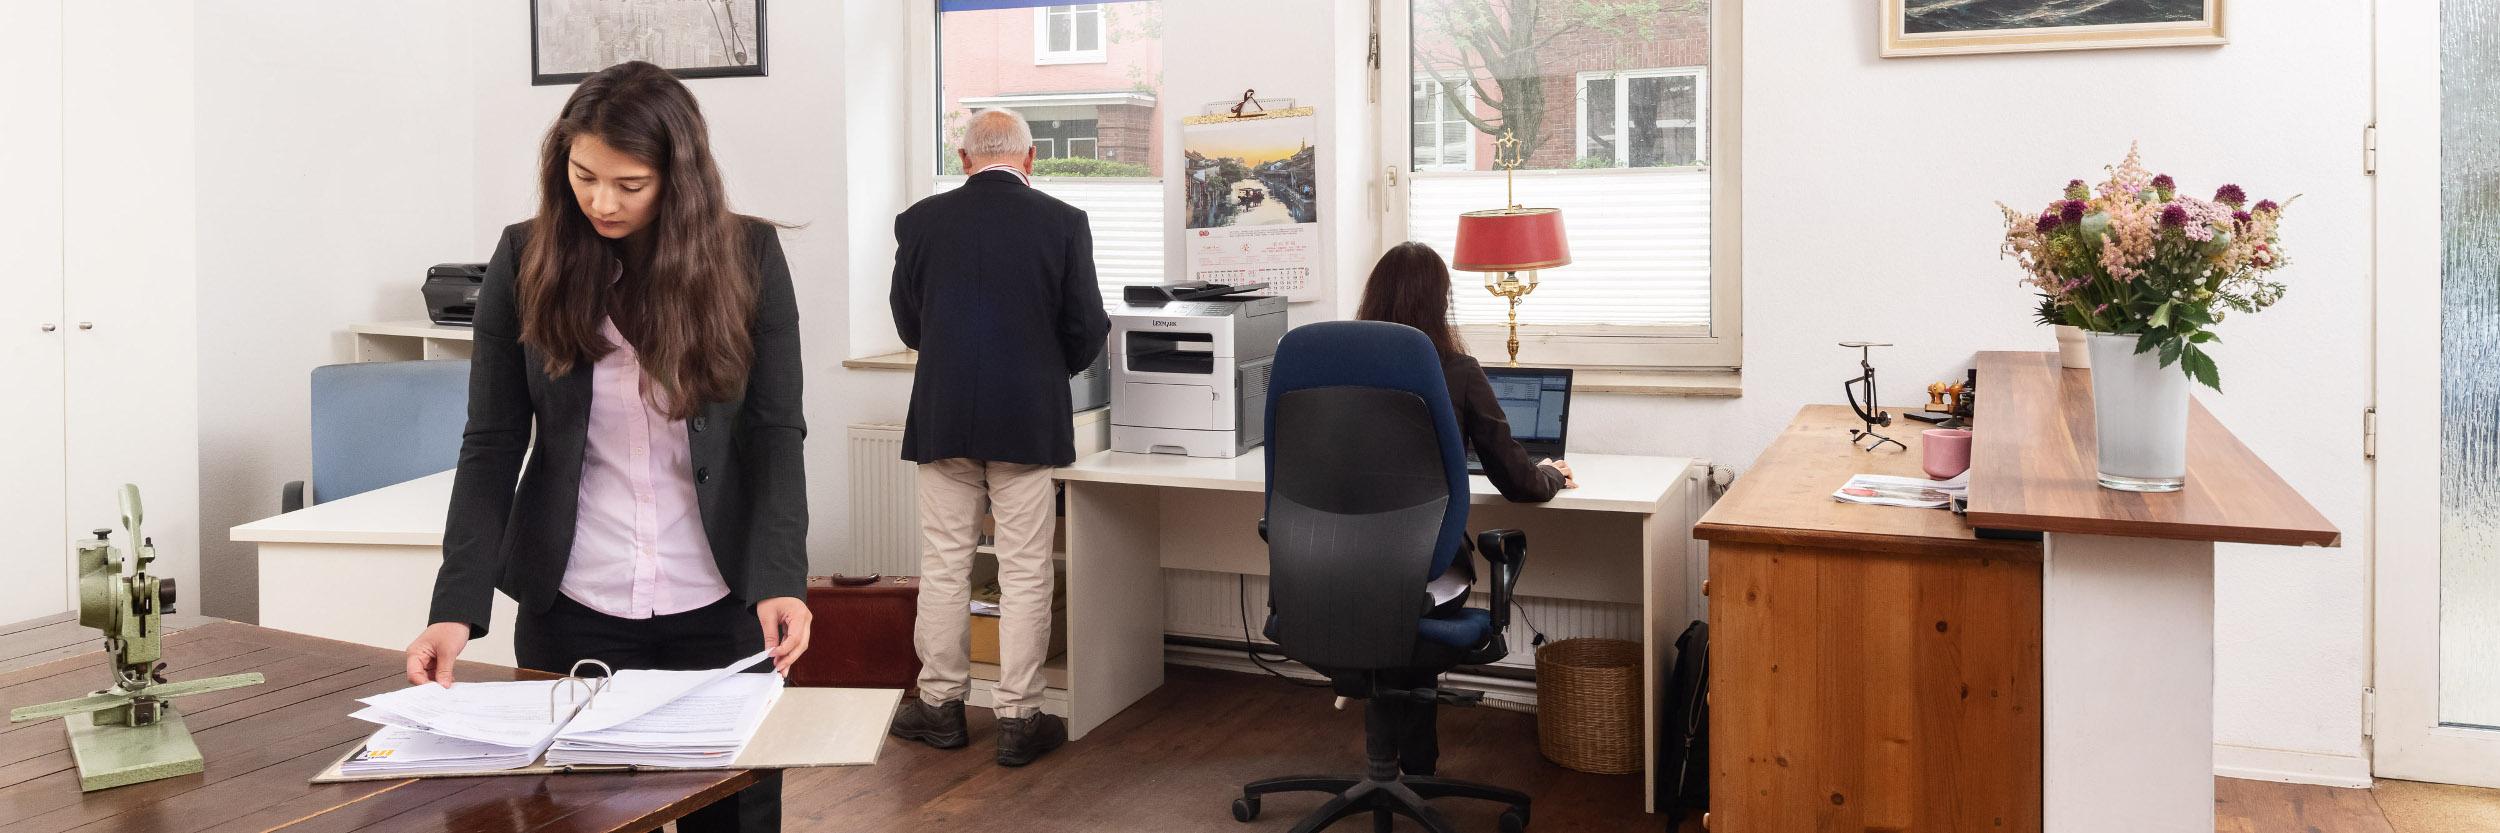 Hausverwaltung Gutzki Immobilien Zinshausverwaltung